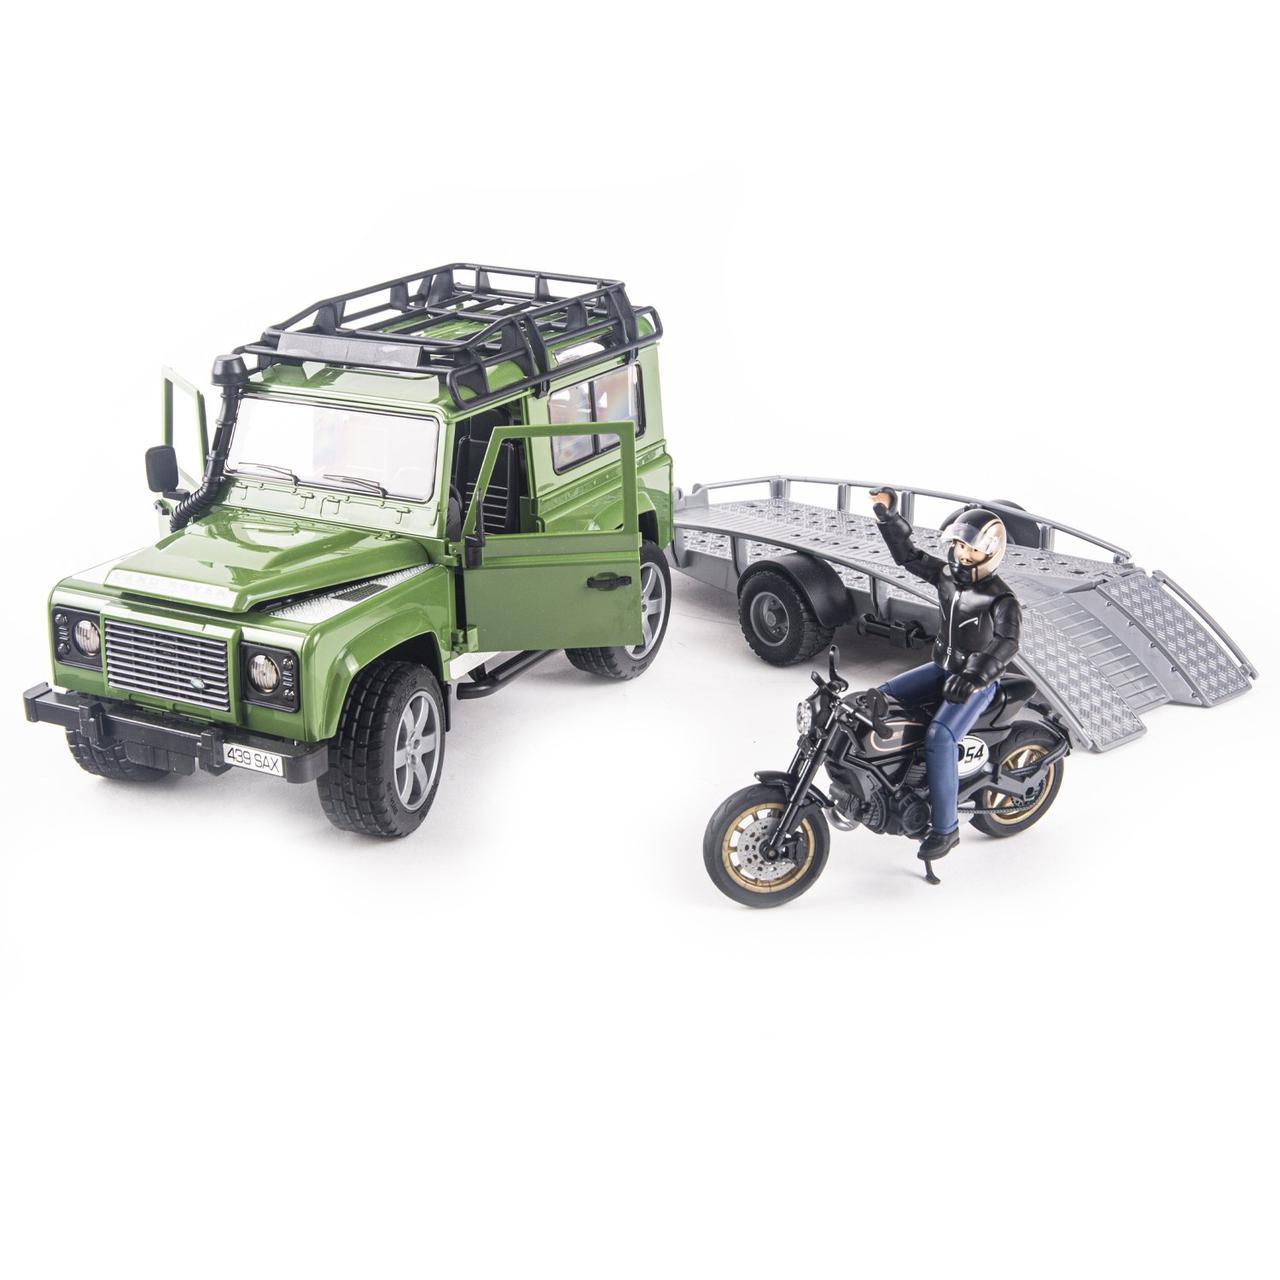 Bruder Игрушечный Внедорожник Land Rover Defender с прицепом мотоцикл Ducati (Брудер 02-598)